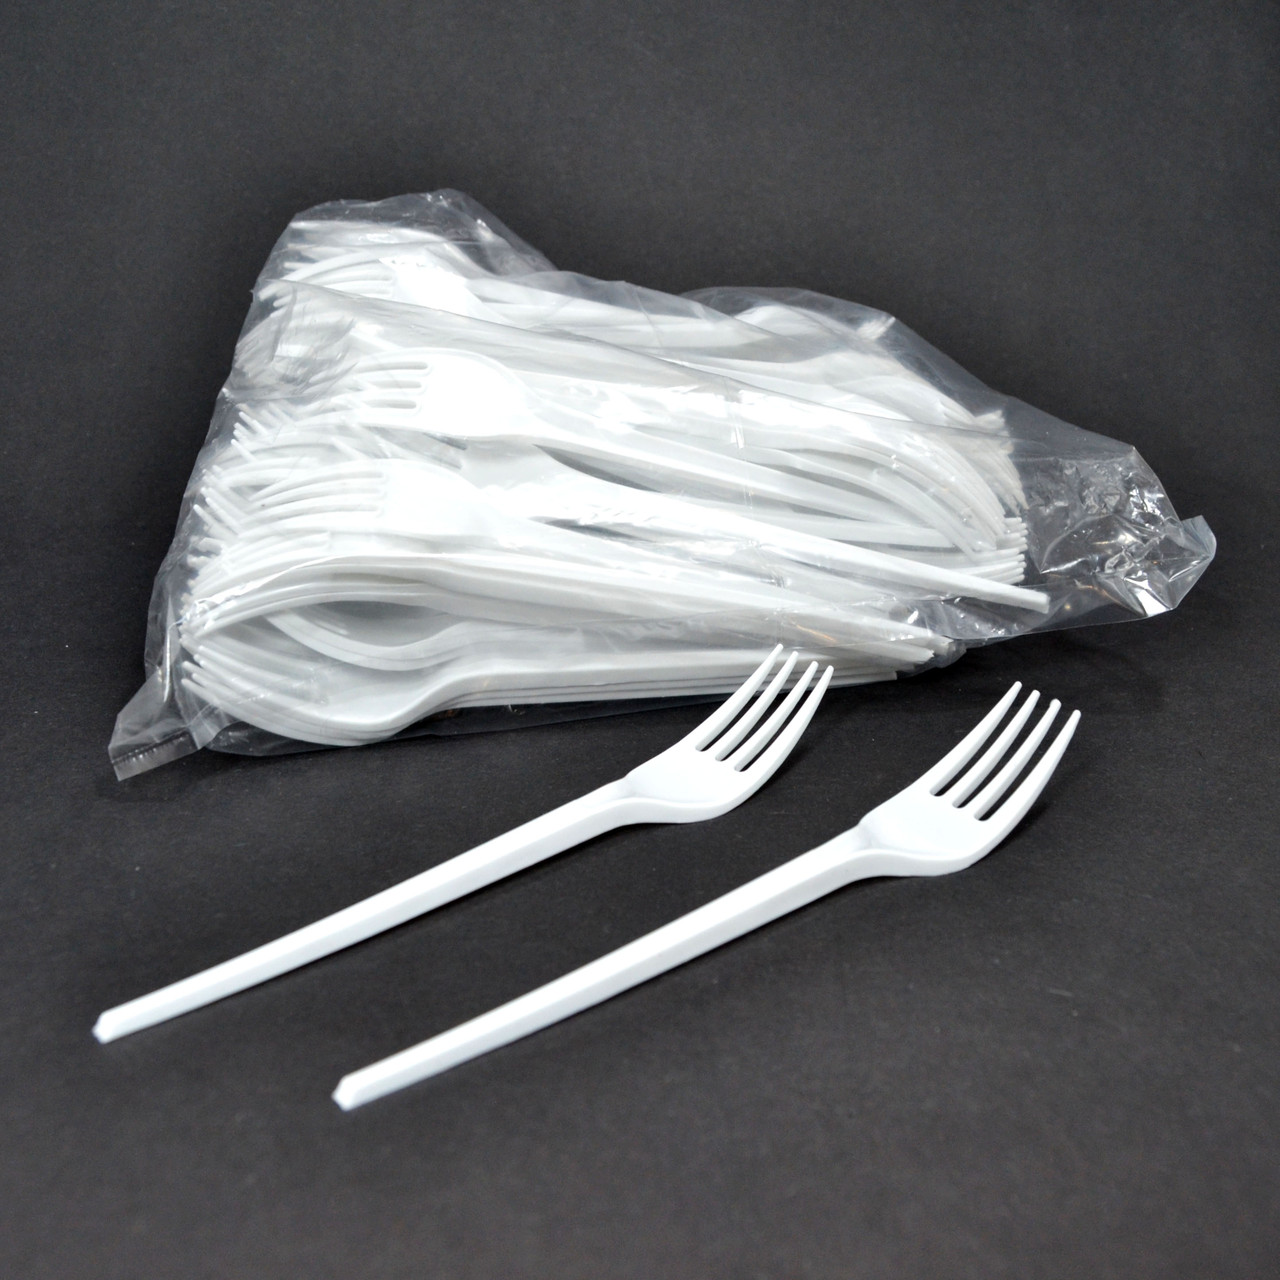 Вилки пластиковые 16 см 100 шт Белые СПГ